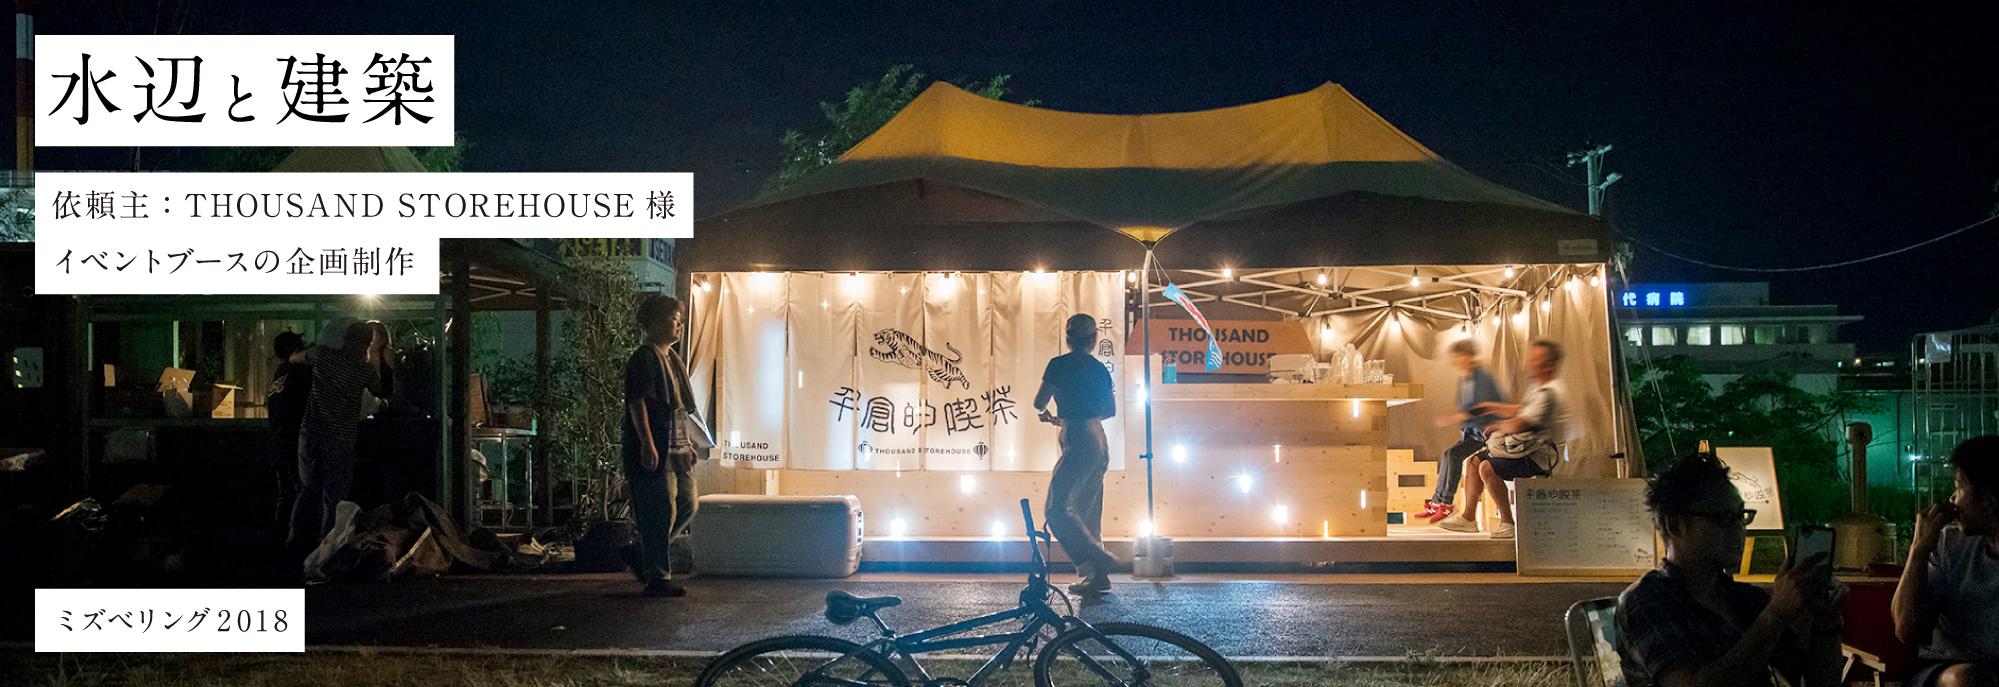 新潟市で行われたイベント、ミズベリングでのキューブデザインの取り組みをまとめた特集です。